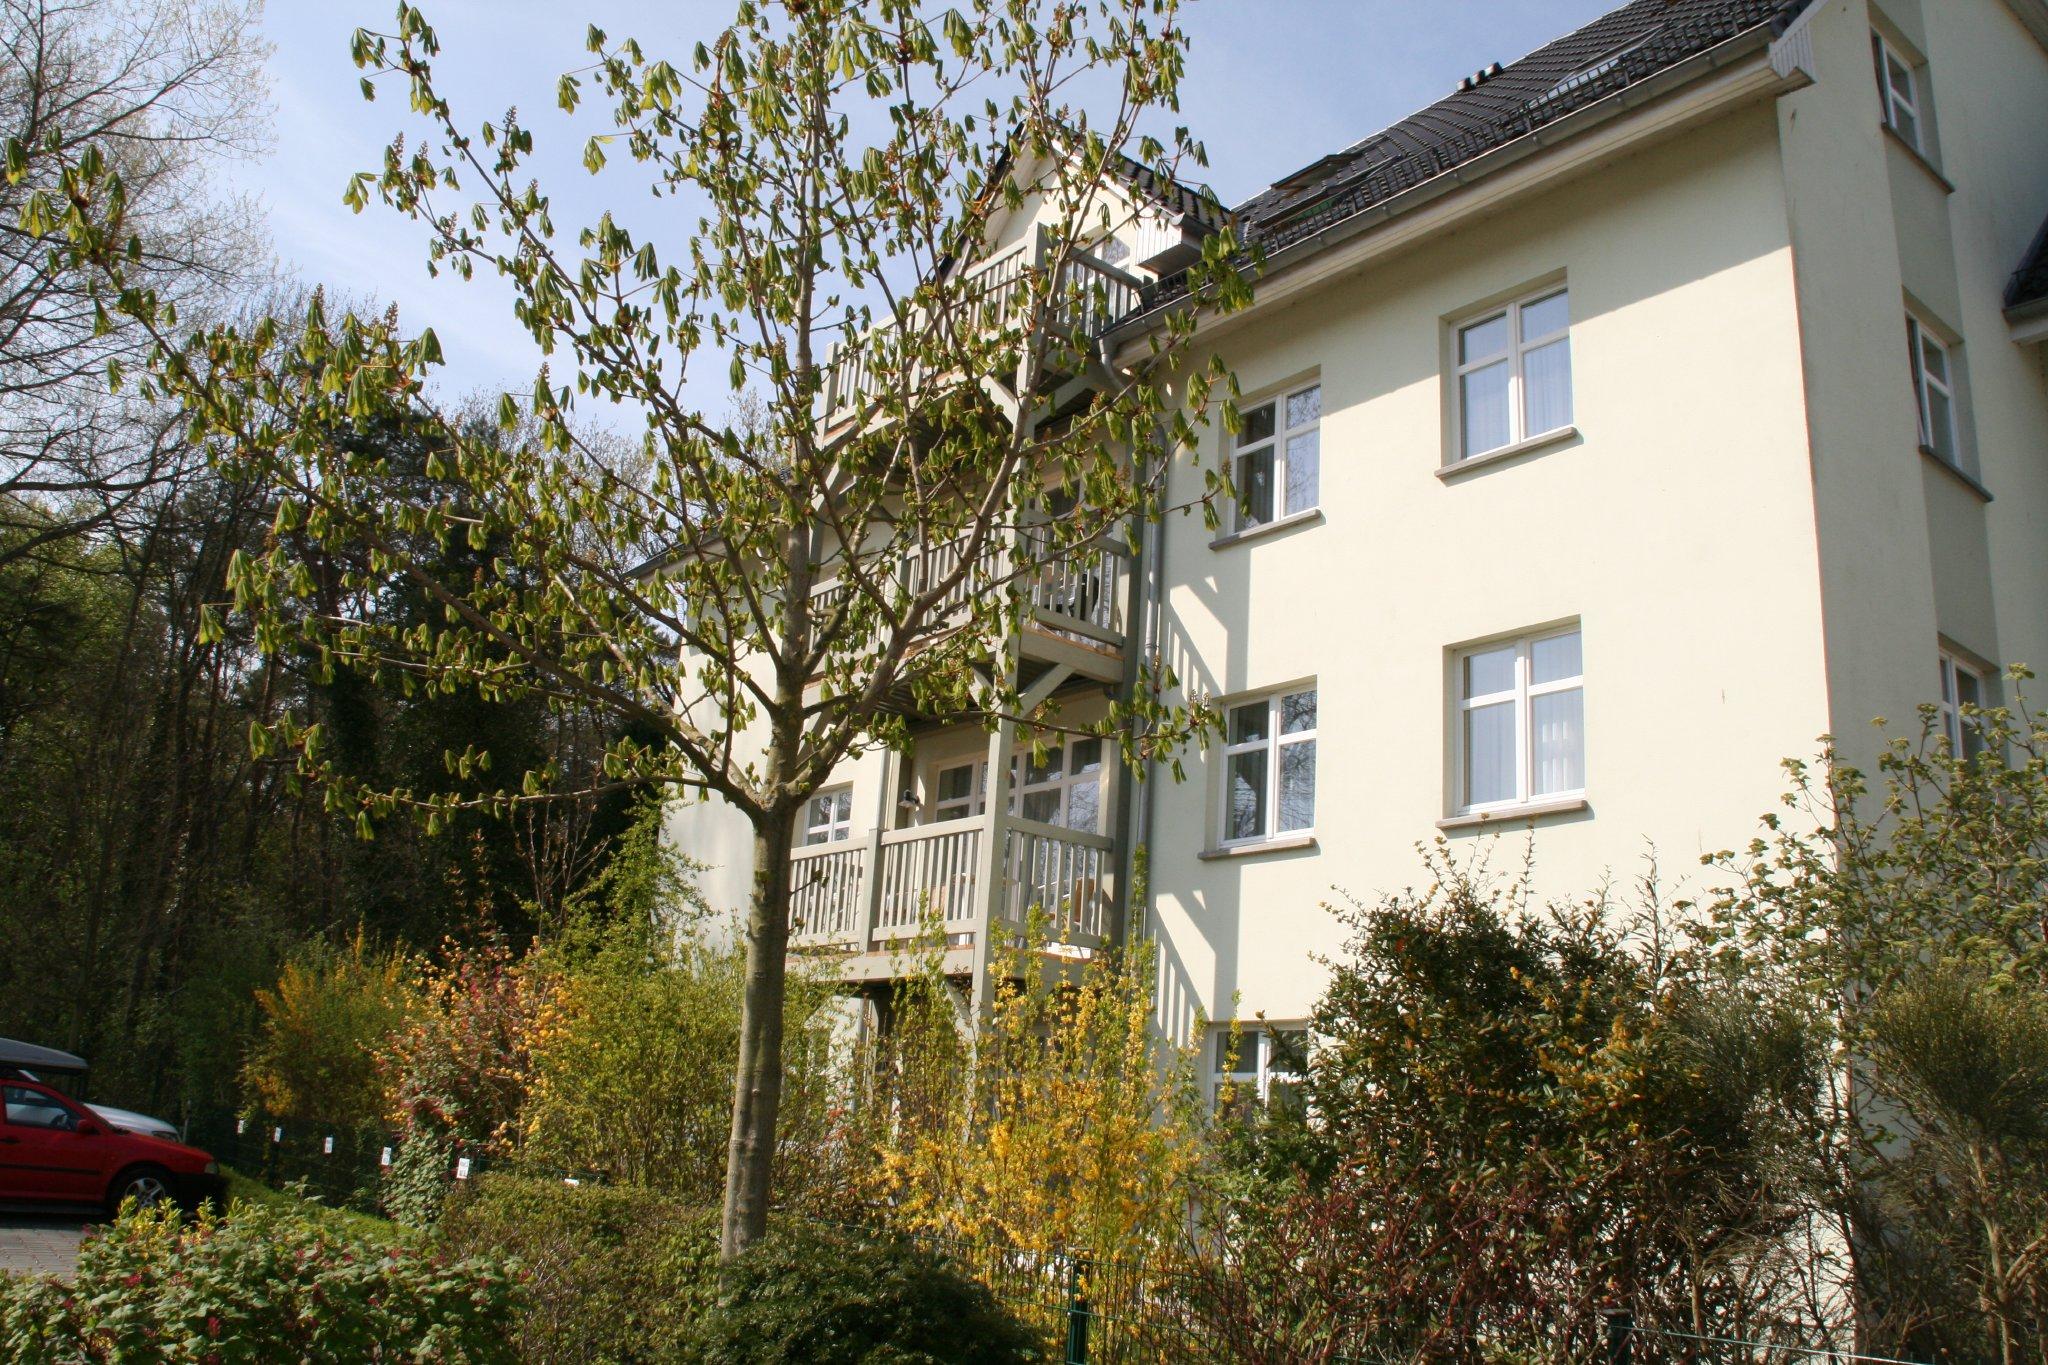 Zusatzbild Nr. 02 von 'Haus am Weststrand'